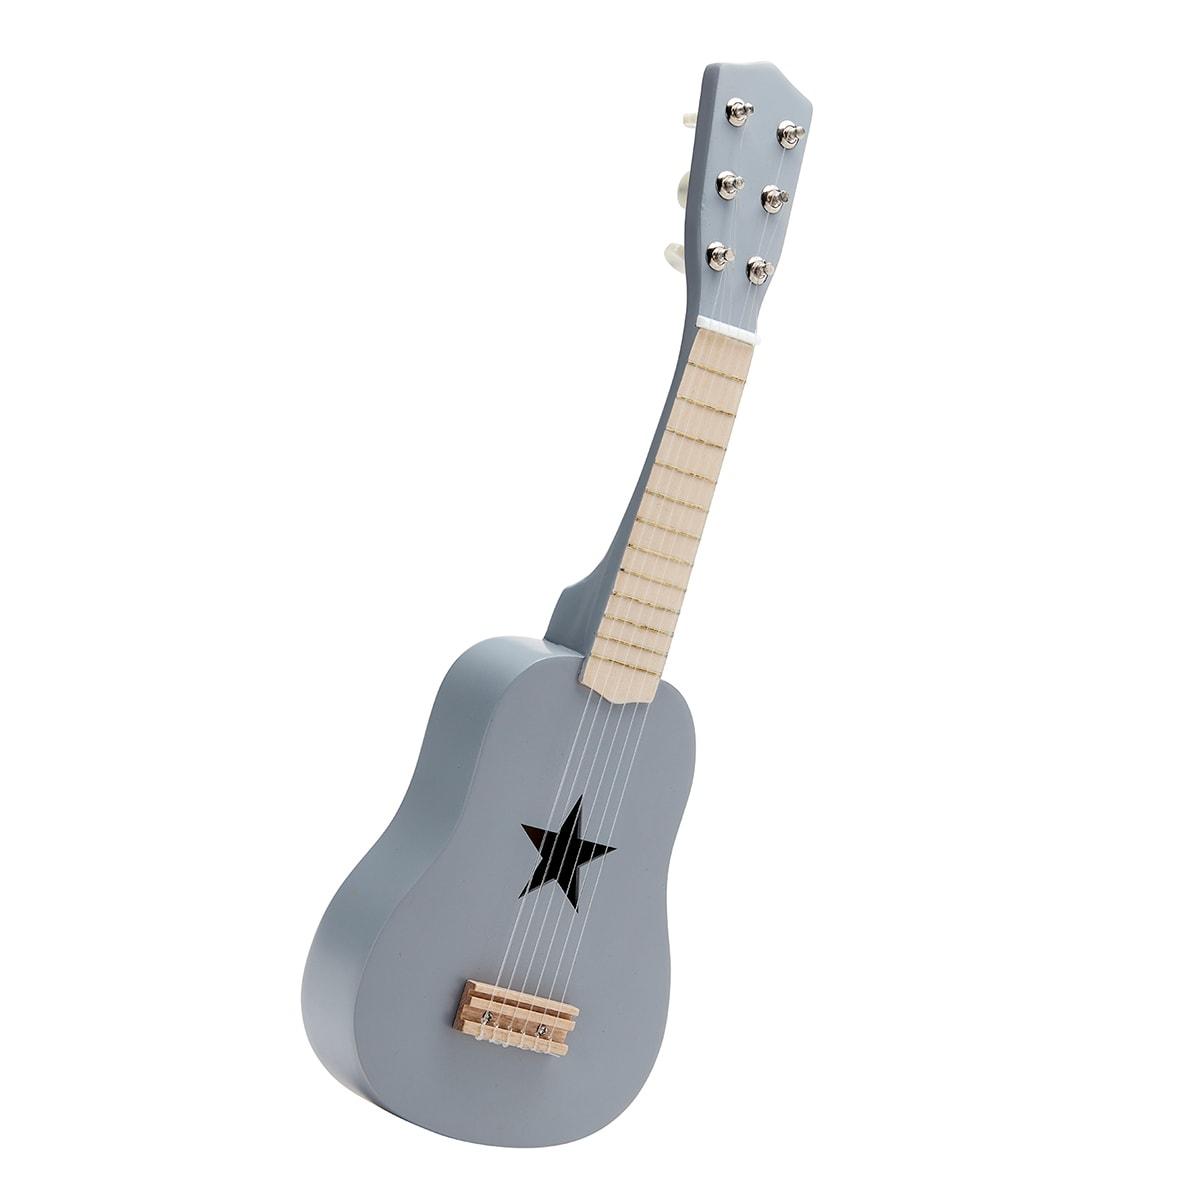 Fin guitar med 6 strenge og sød stjerne i midten